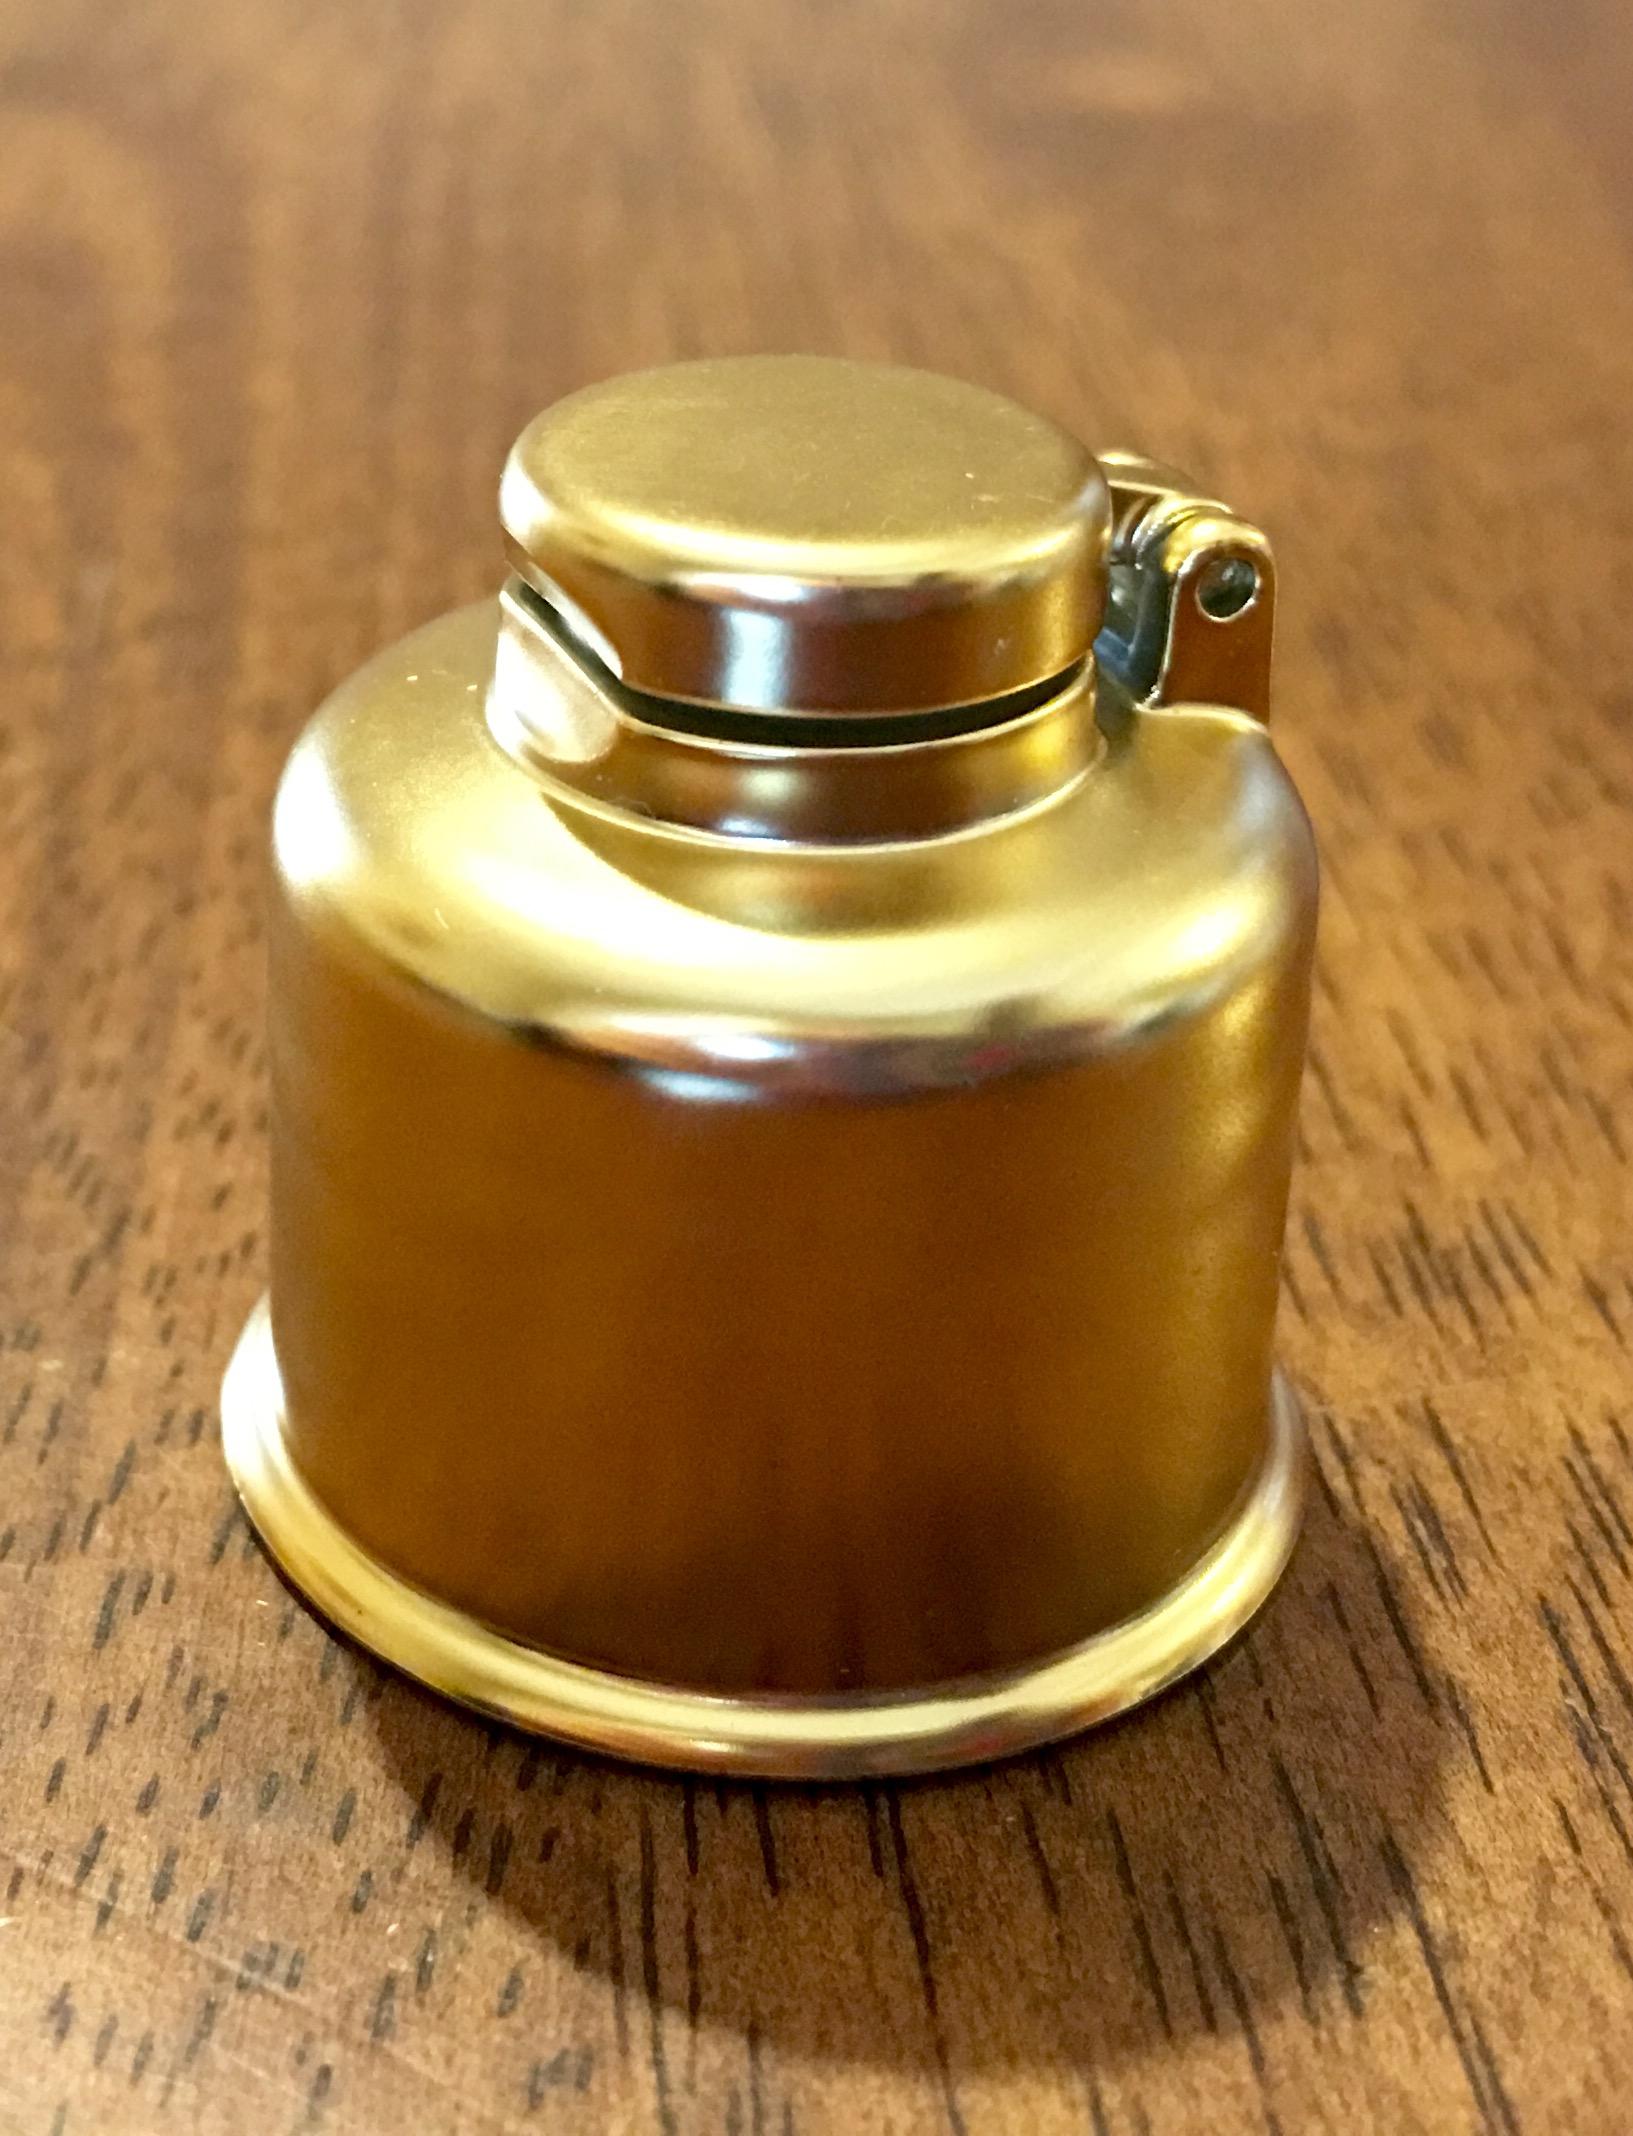 TAPA CANTIMPLORA GOLD (24/410)